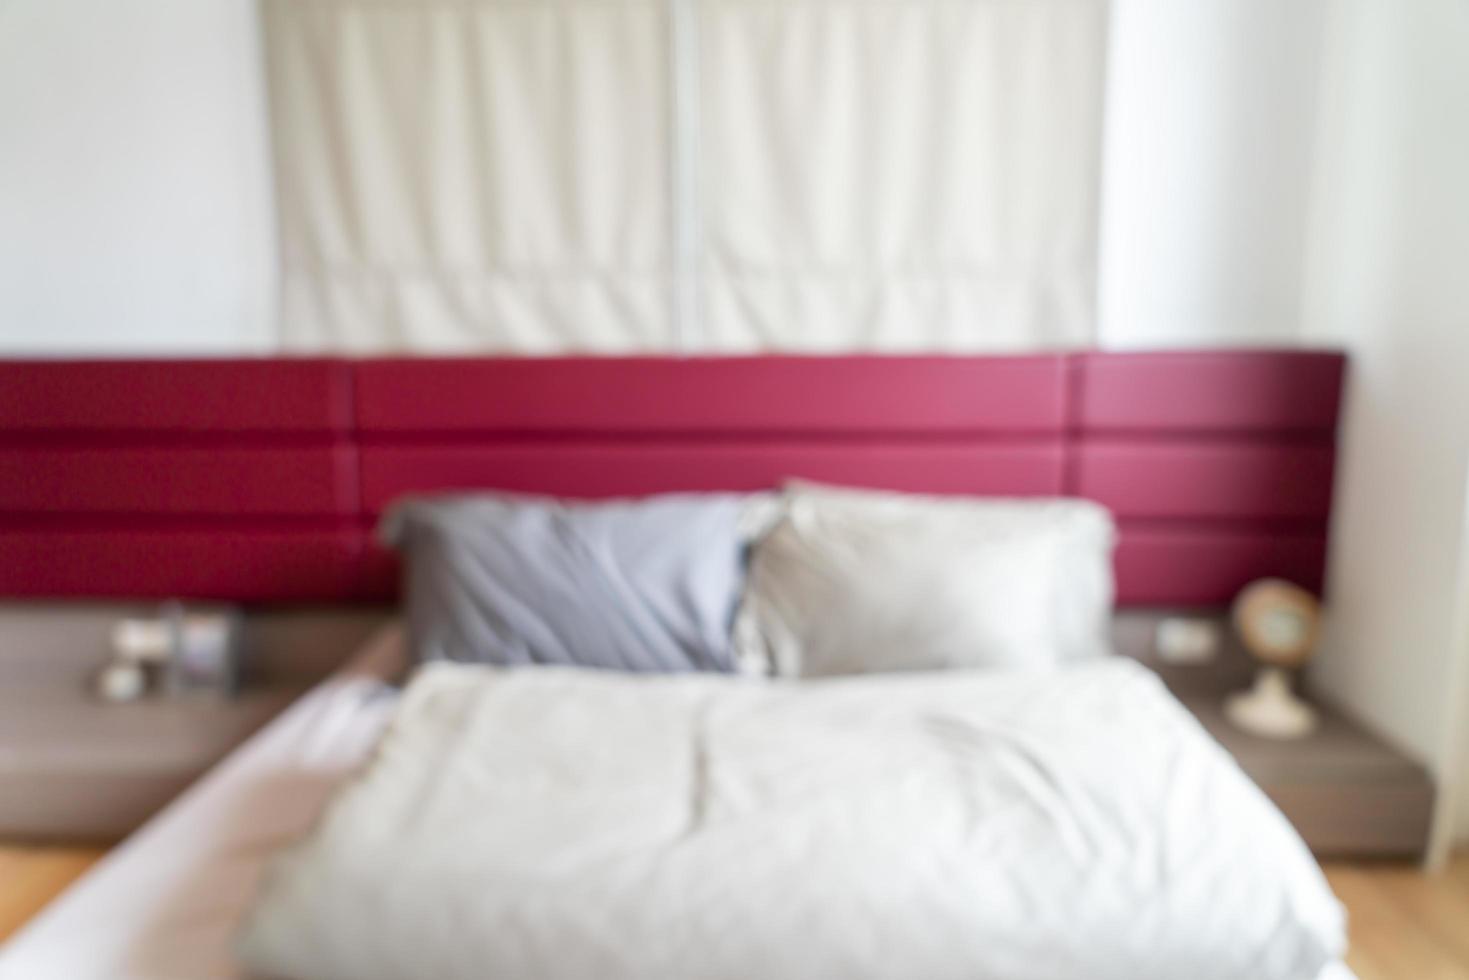 interno della camera da letto sfocatura astratta per lo sfondo foto